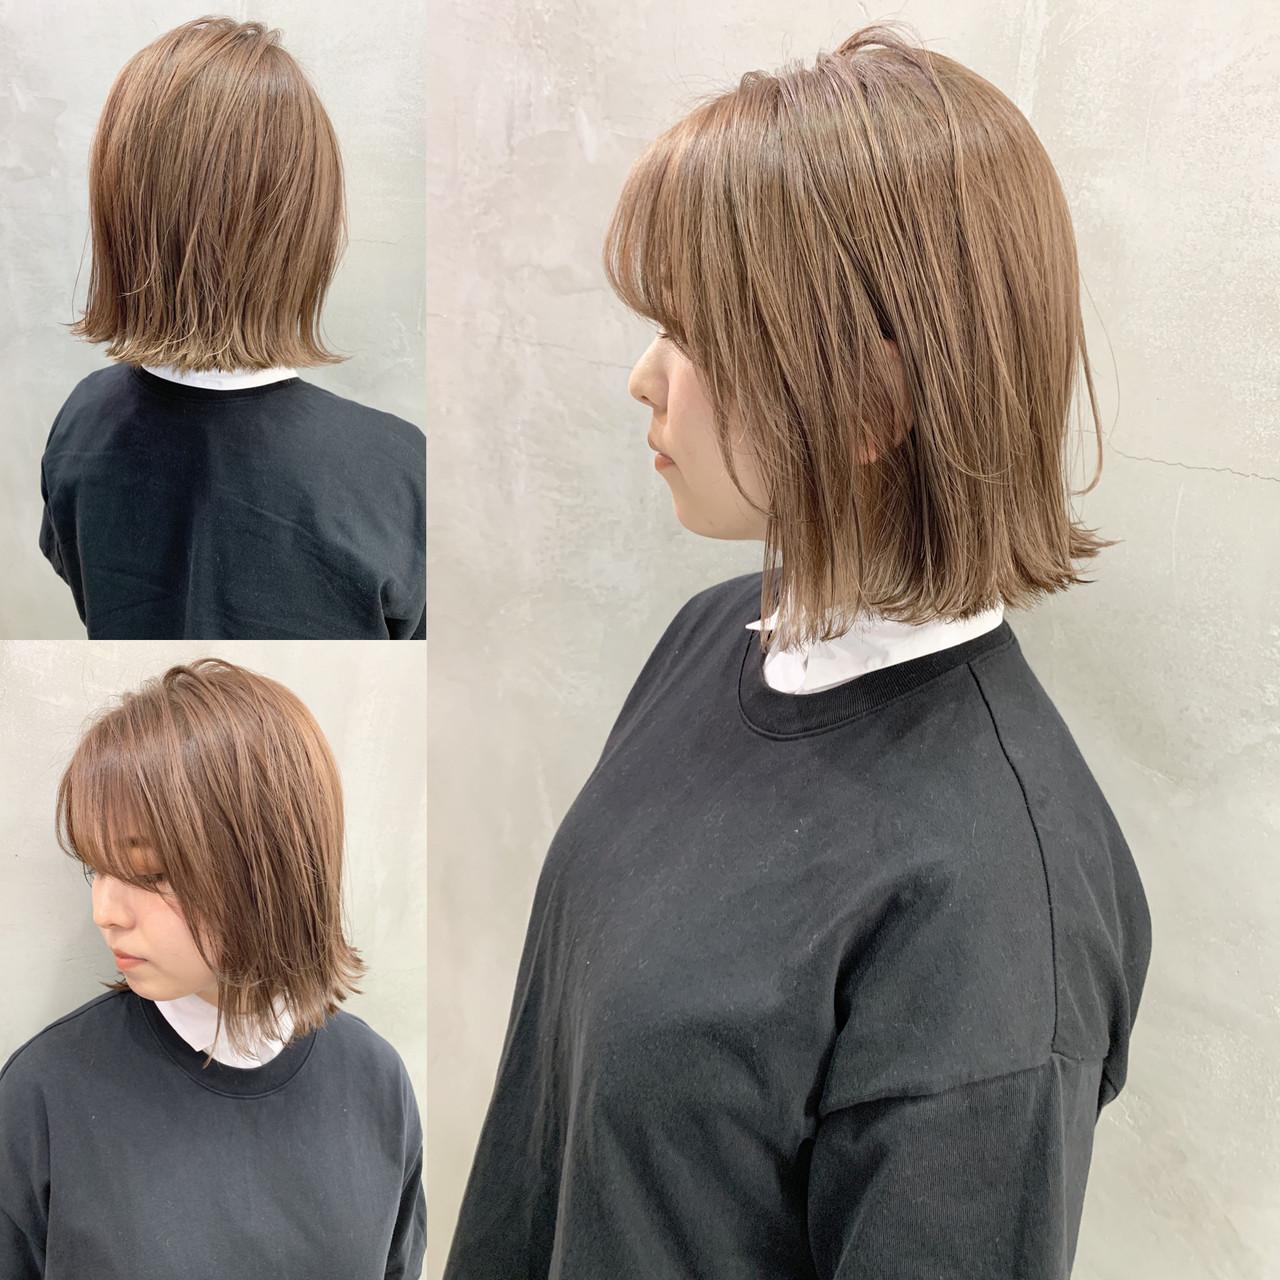 アウトドア 結婚式 ヘアアレンジ スポーツ ヘアスタイルや髪型の写真・画像